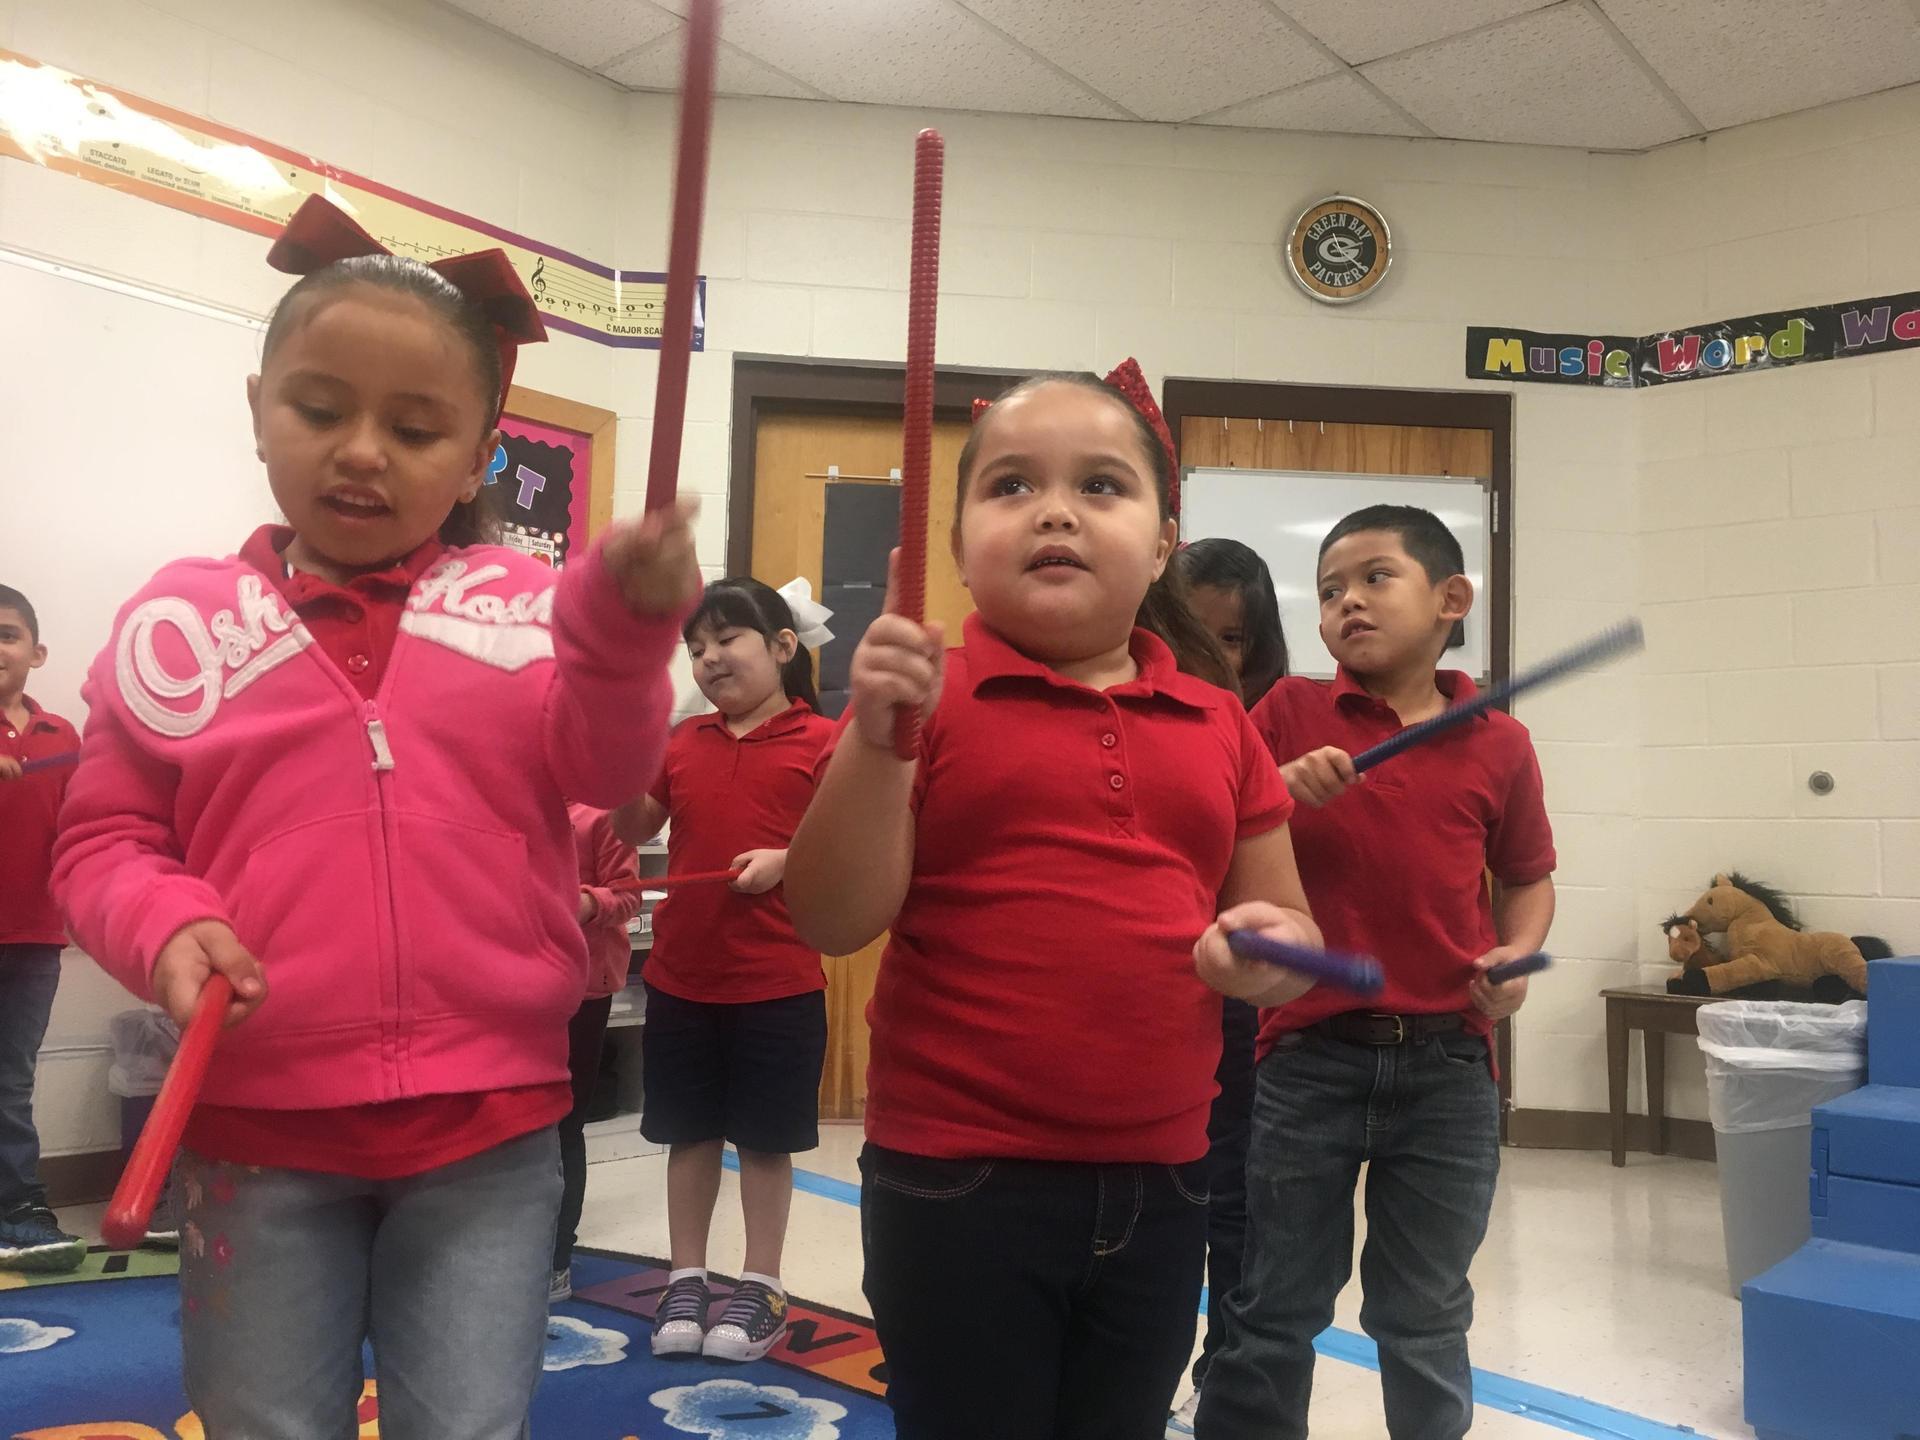 Kinder Music Class